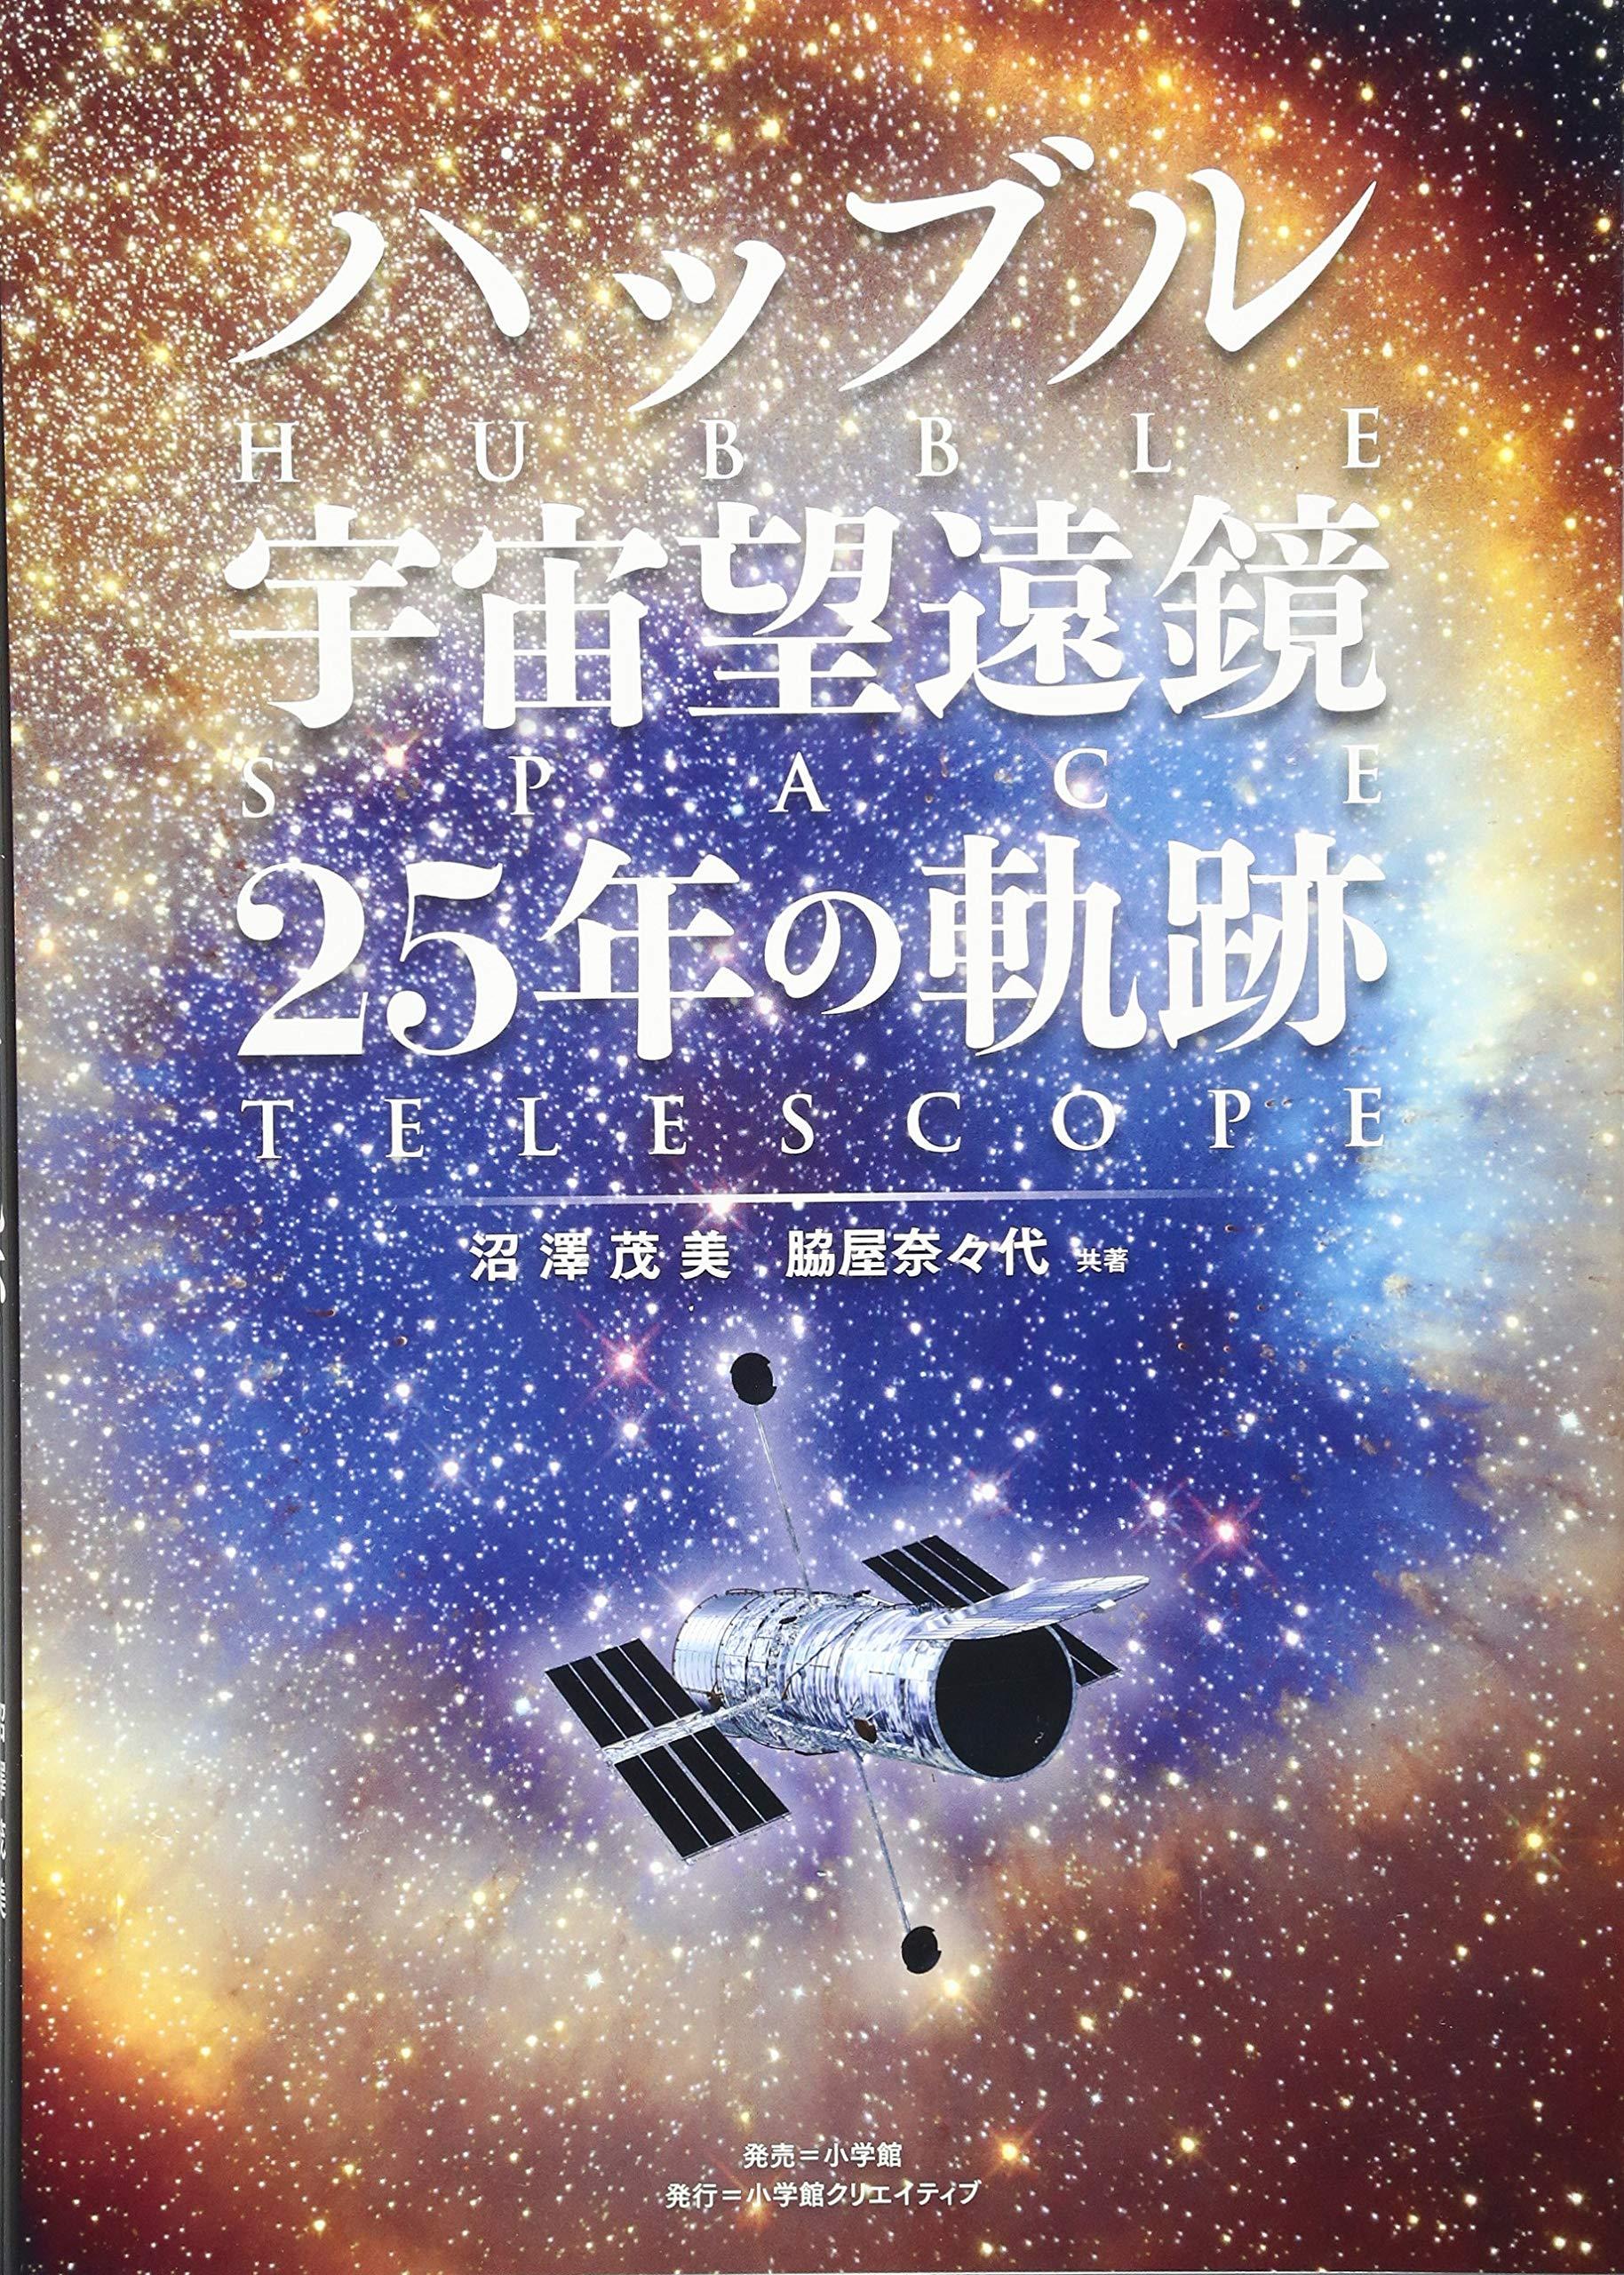 ハッブル宇宙望遠鏡 25年の軌跡